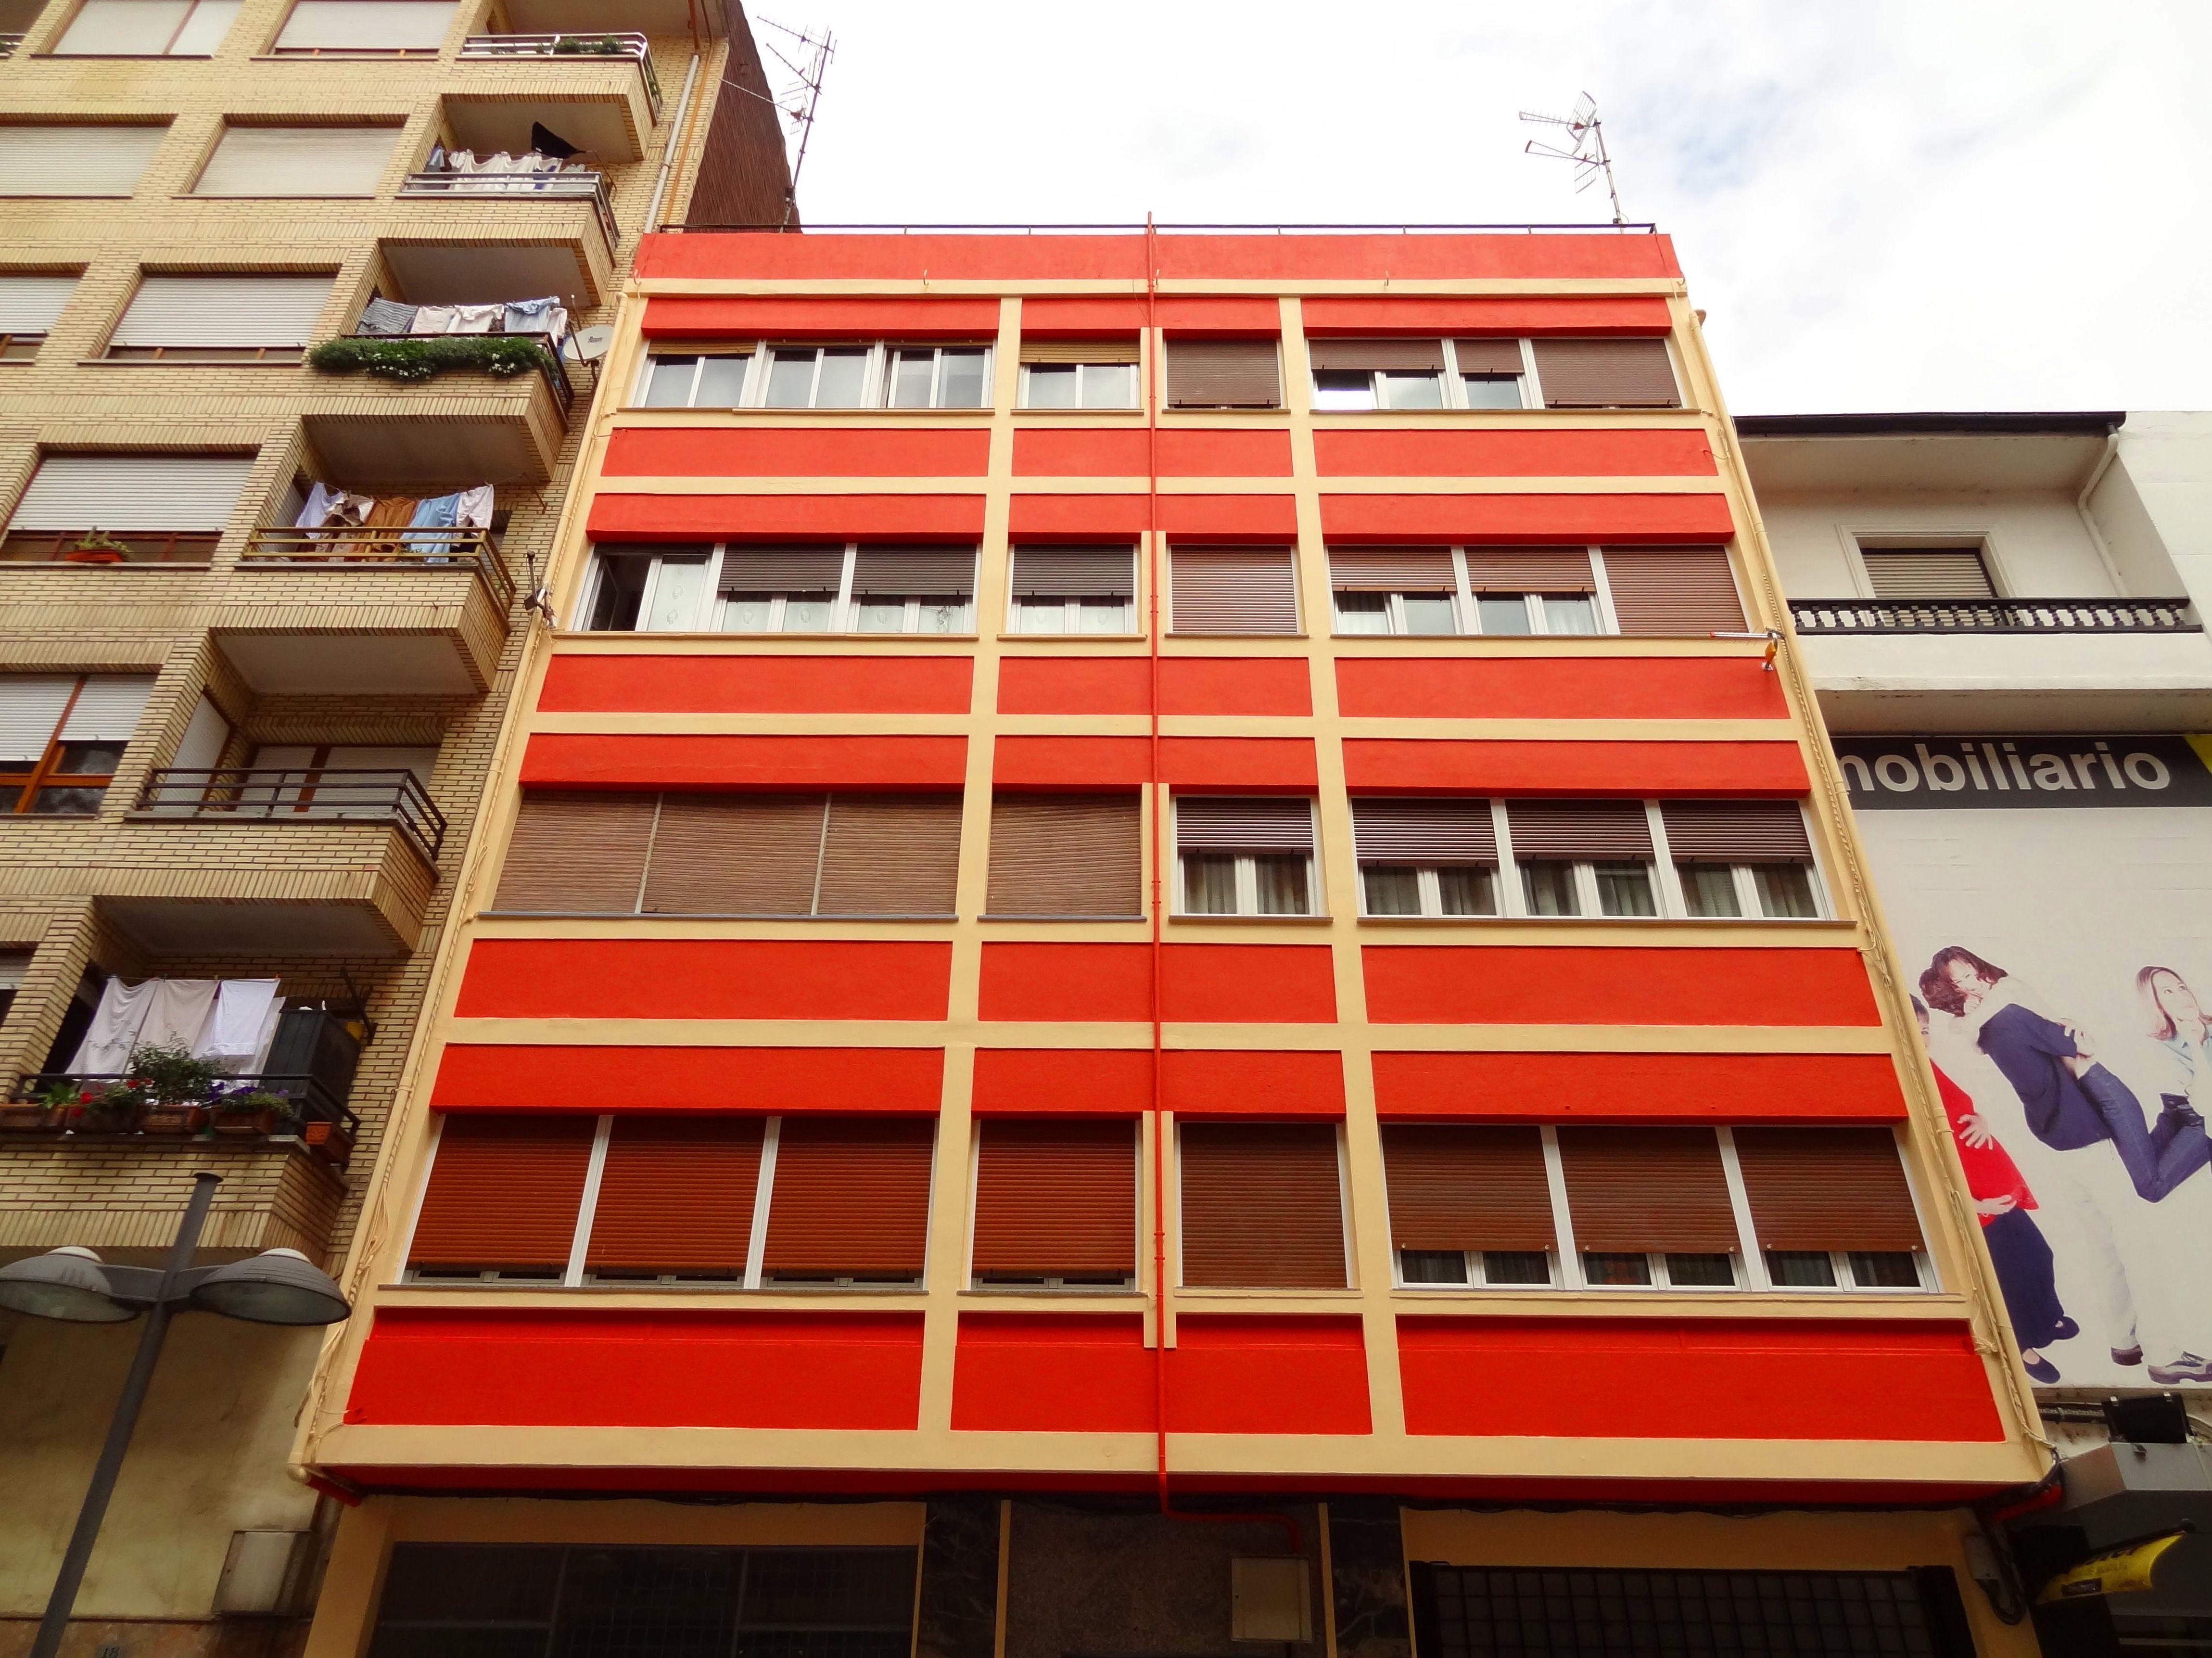 Rehabilitación de fachadas en Torrelavega-Santander